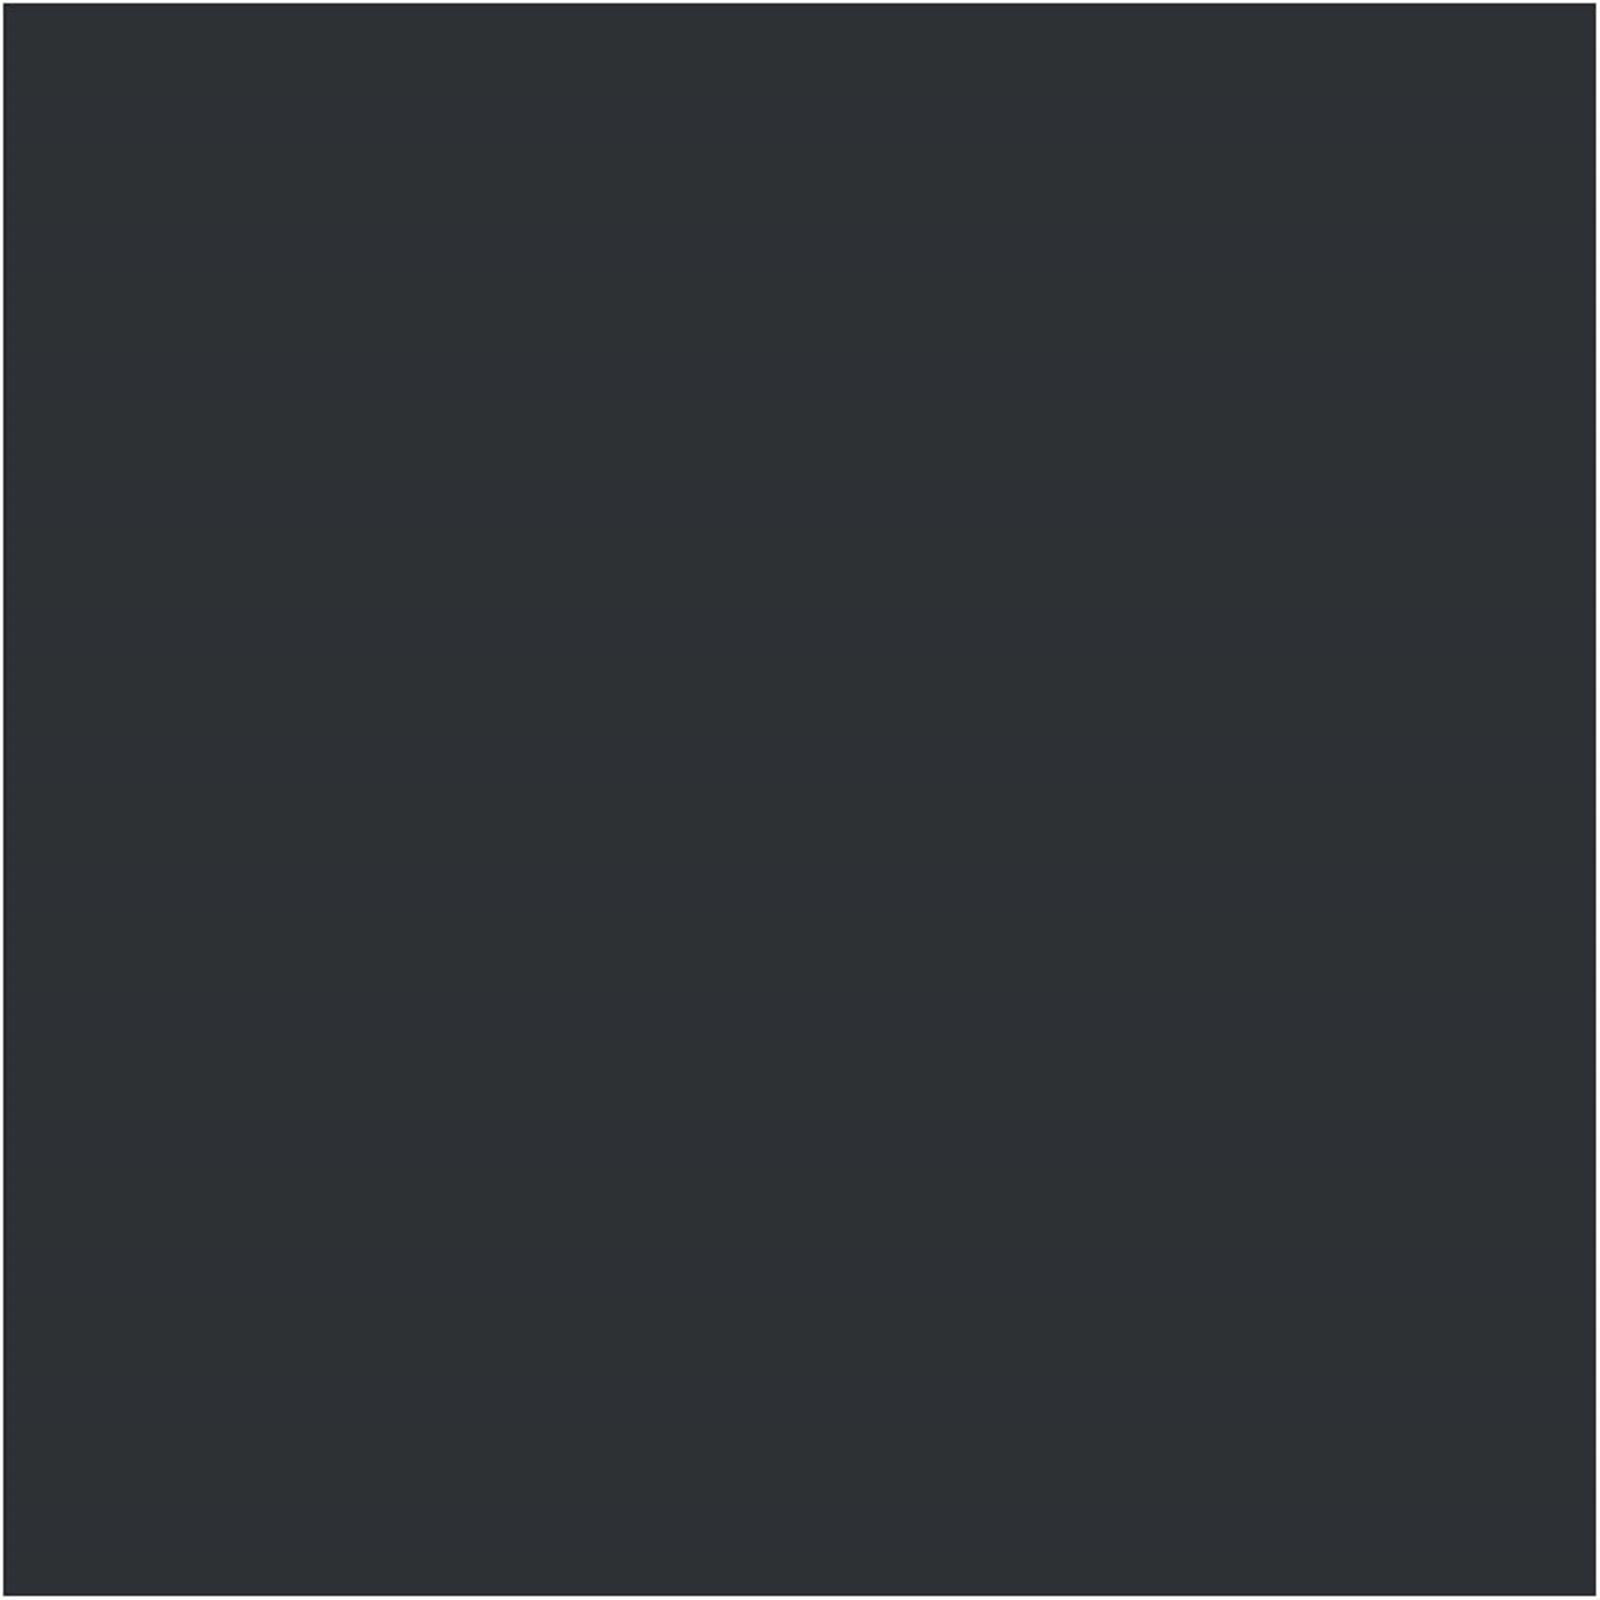 decor soft negru